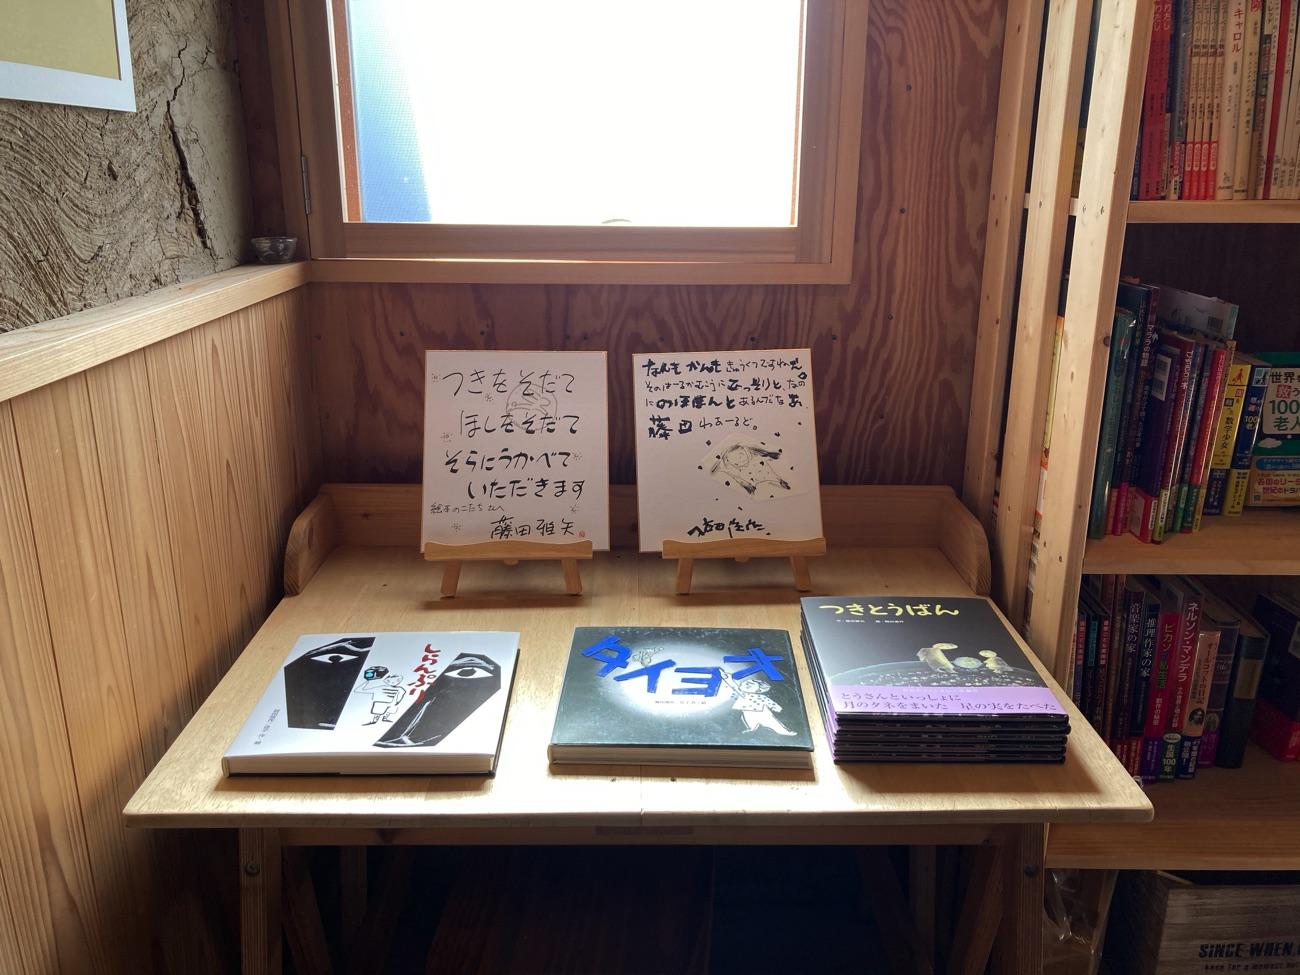 藤田雅矢さん(作)、梅田 俊作さん(絵)のサイン